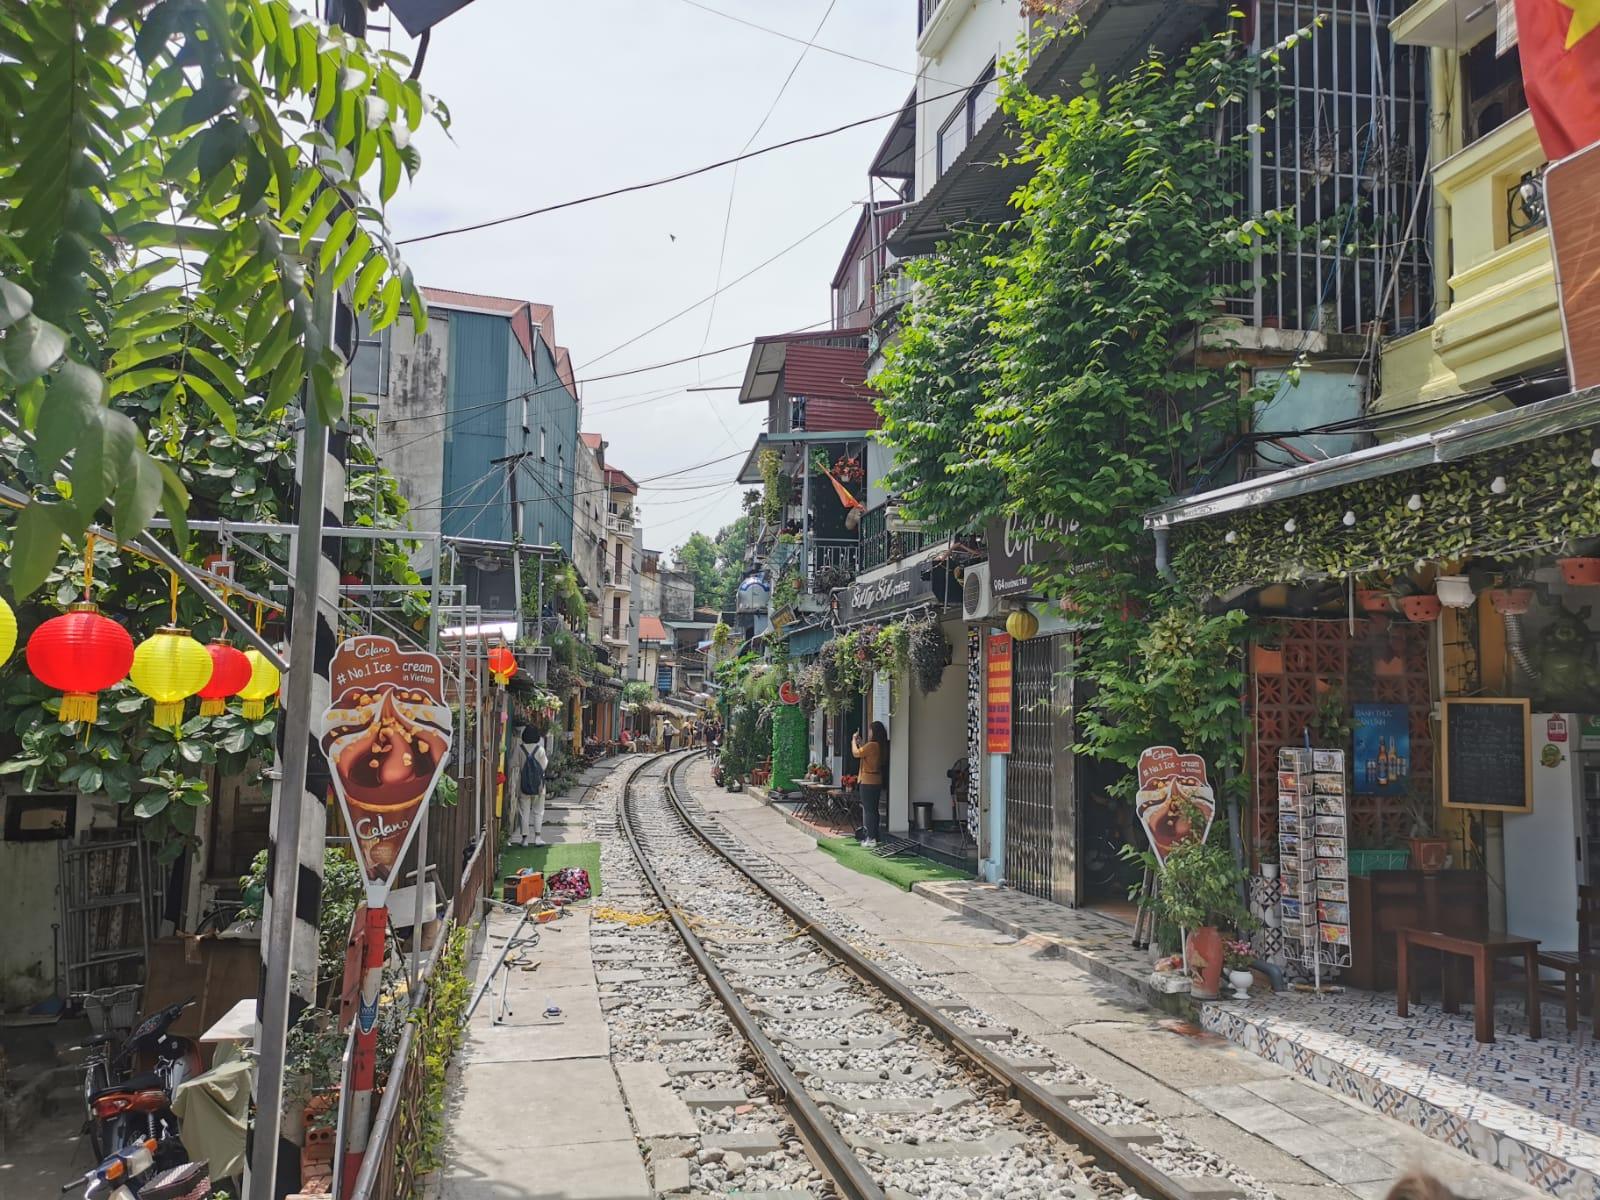 Vía de tren en Hanoi